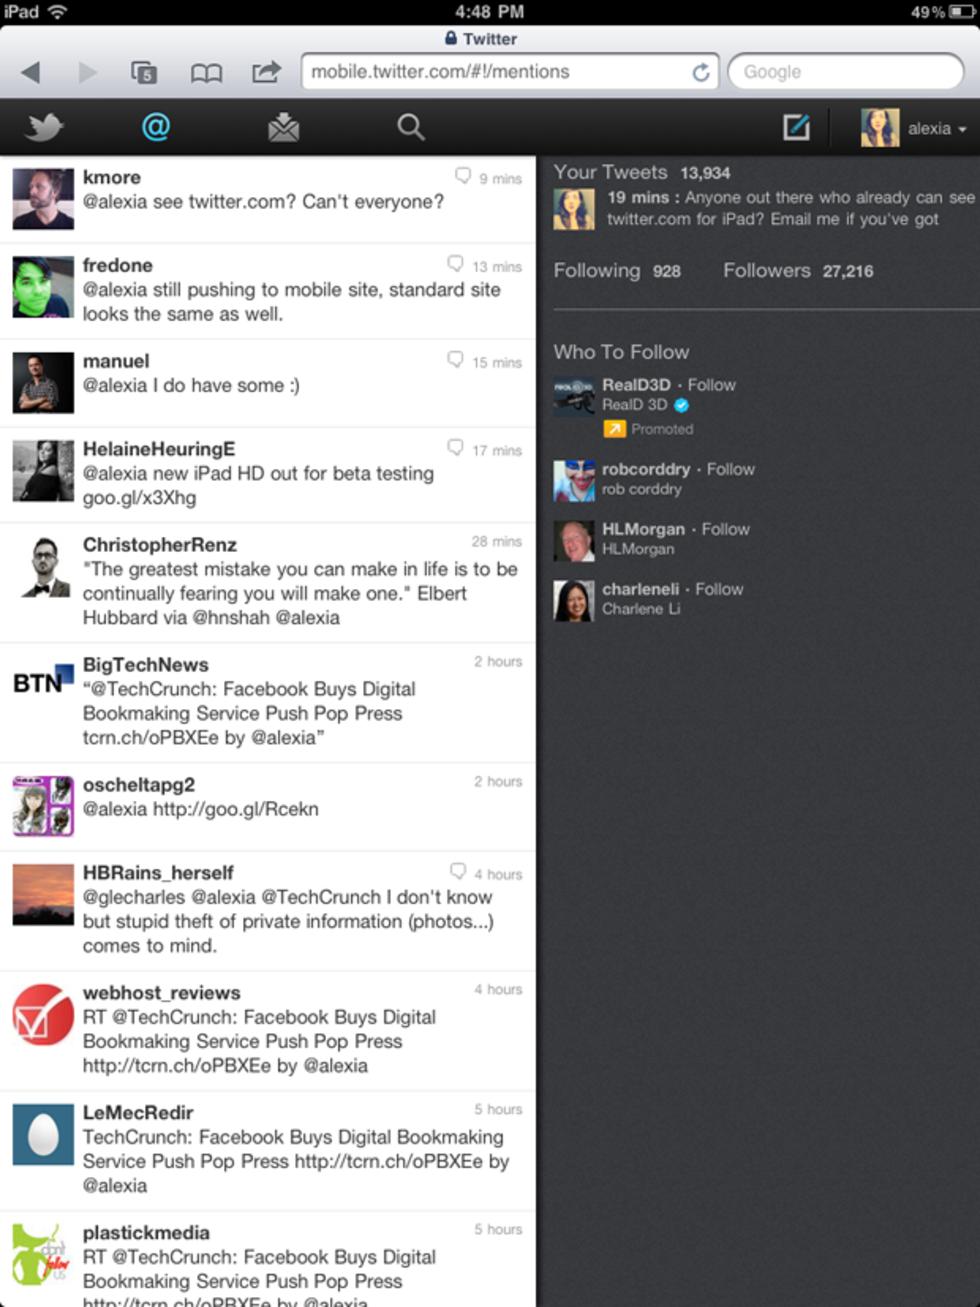 Webbversionen av Twitter för iPad uppdateras